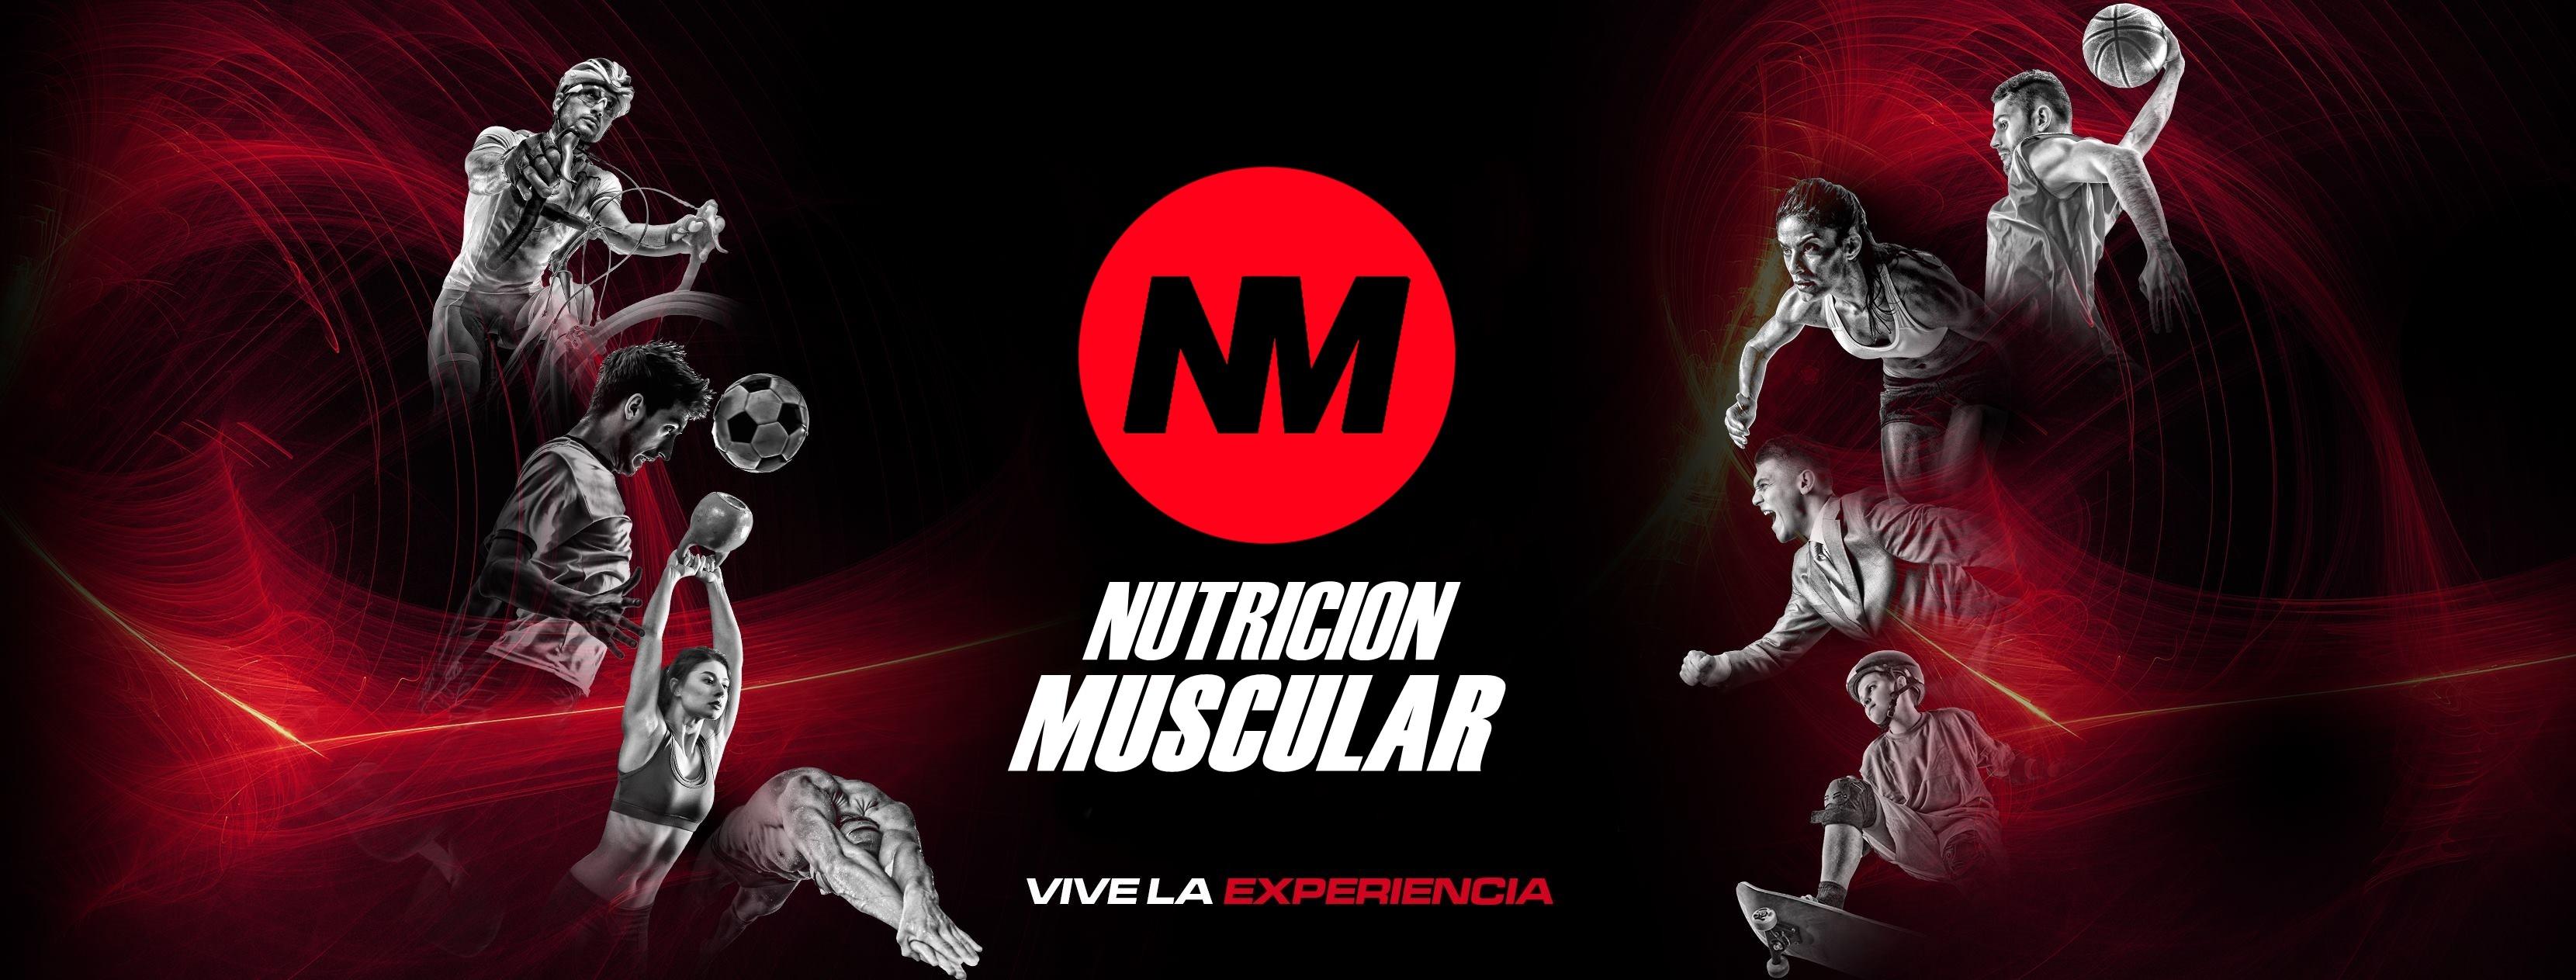 Nueva Imagen Nutricion Muscular